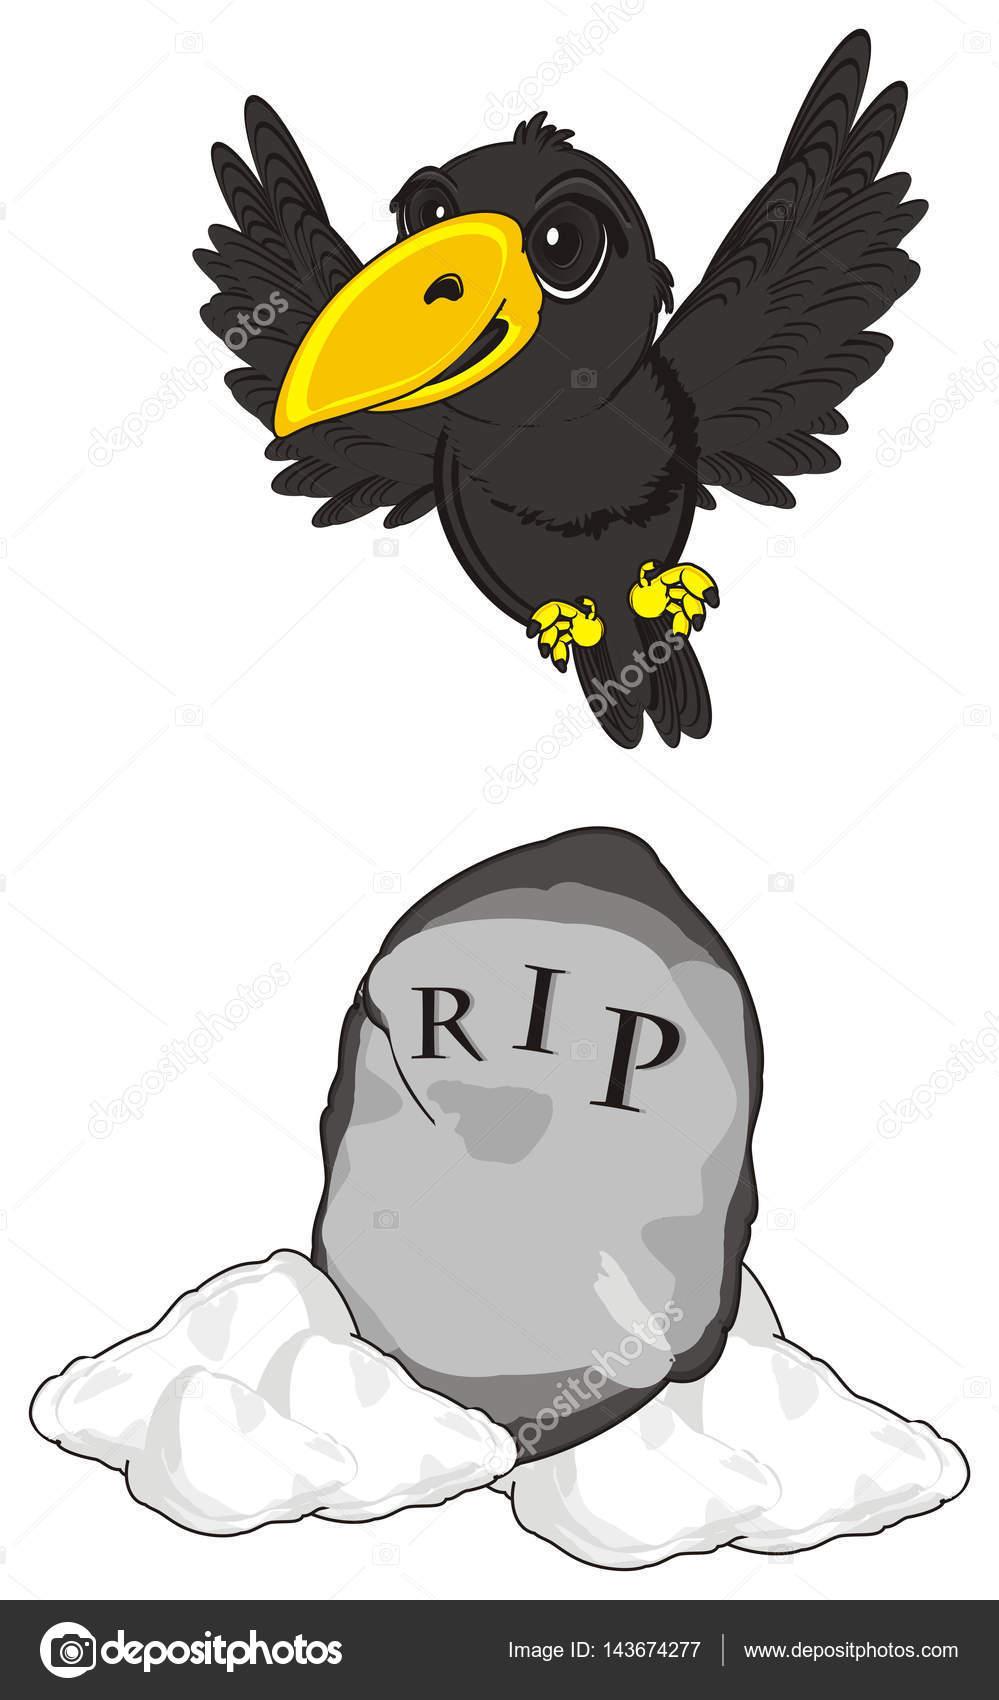 可爱的黑乌鸦 — 图库照片08tatty77tatty#143674277